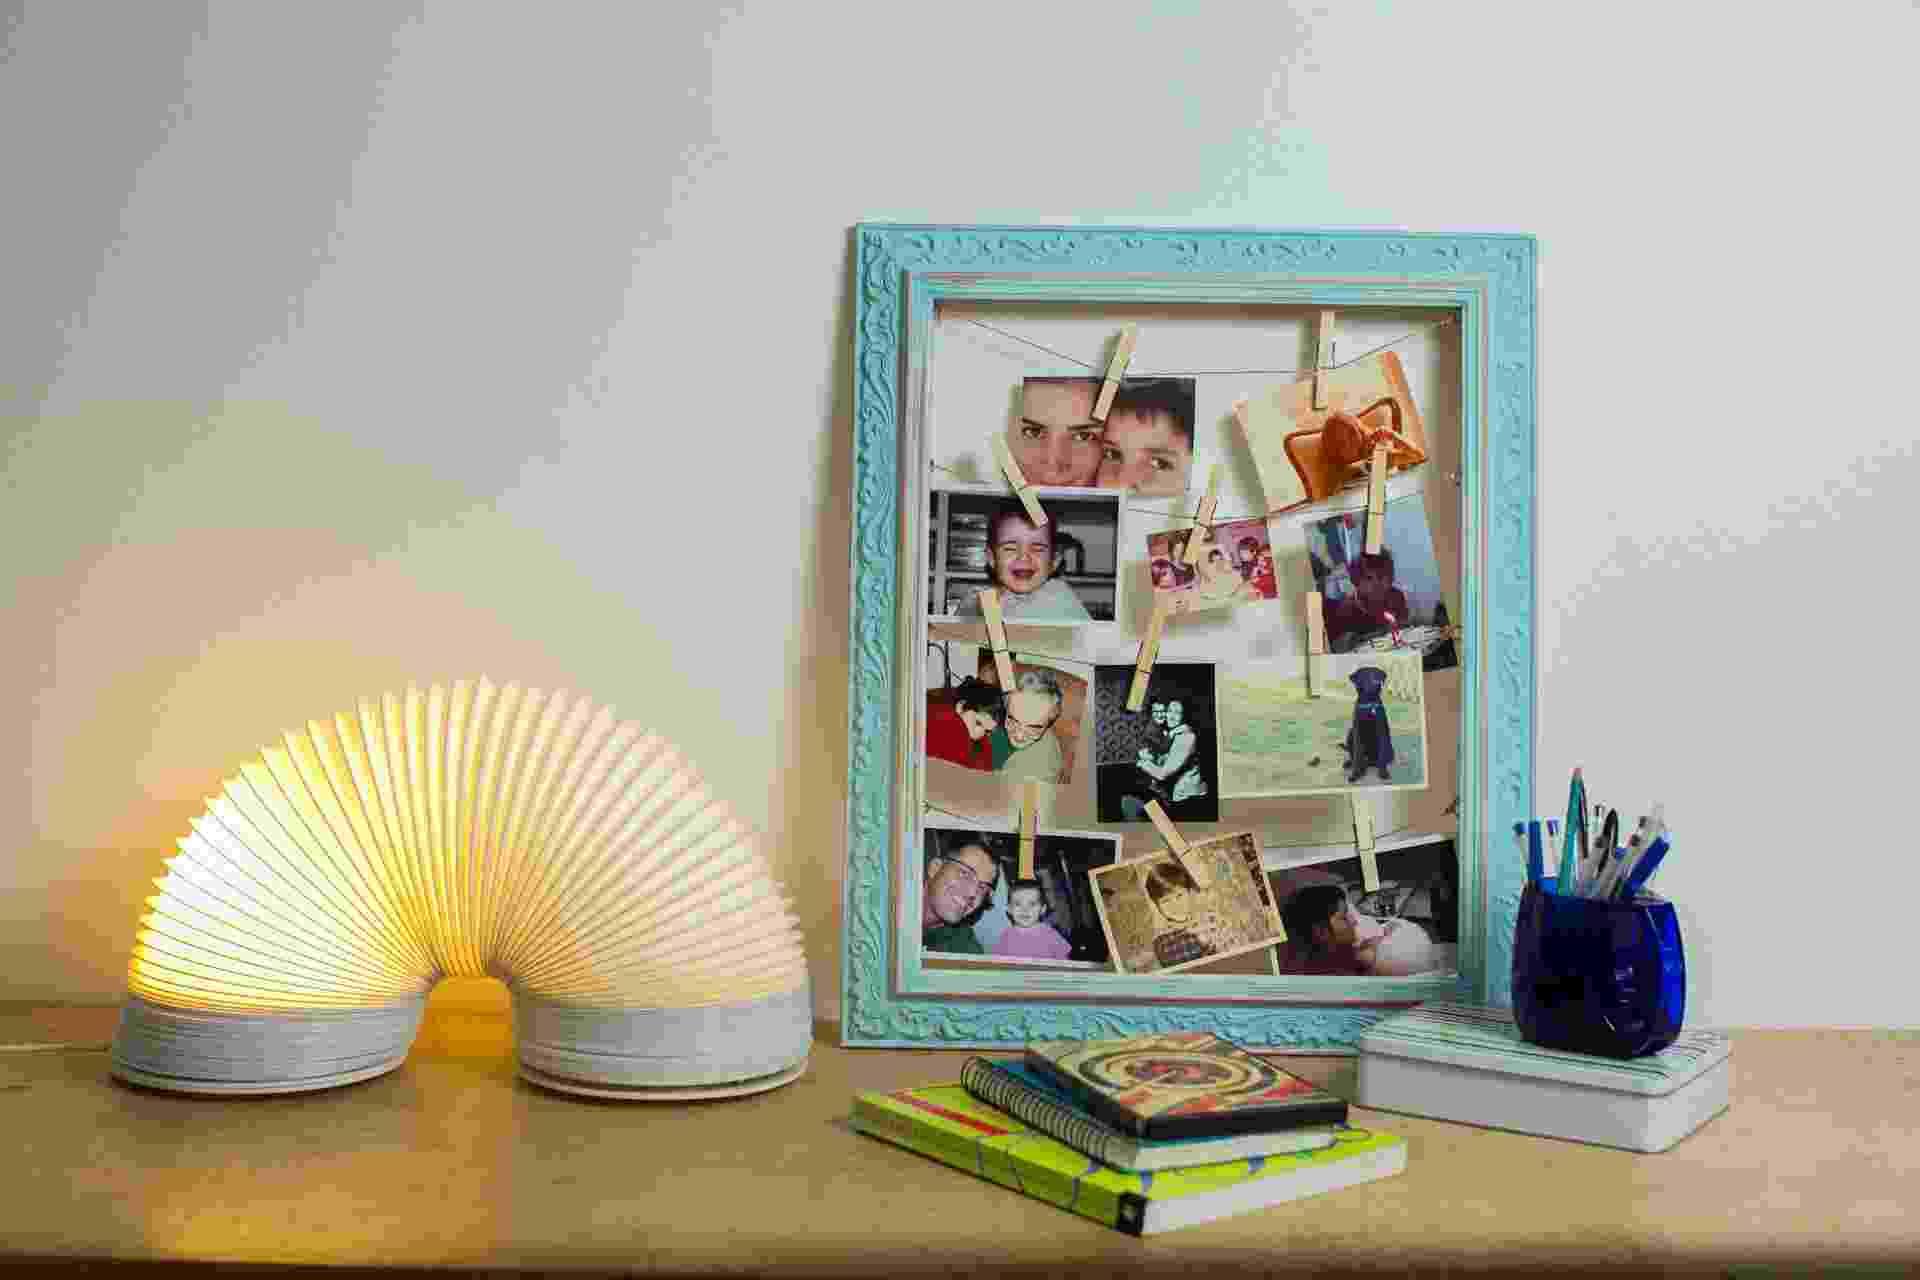 Que tal fazer um painel de fotos diferente para o quarto do seu filho adolescente usando uma moldura de quadros? A designer Camila Whitaker (www.camilawhitaker.com) mostra a seguir o passo a passo | Por Silvana Maria Rosso - Do UOL, em São Paulo | Agradecimento: Fast Frame (www.fastframe.com.br) - Leonardo Soares/UOL